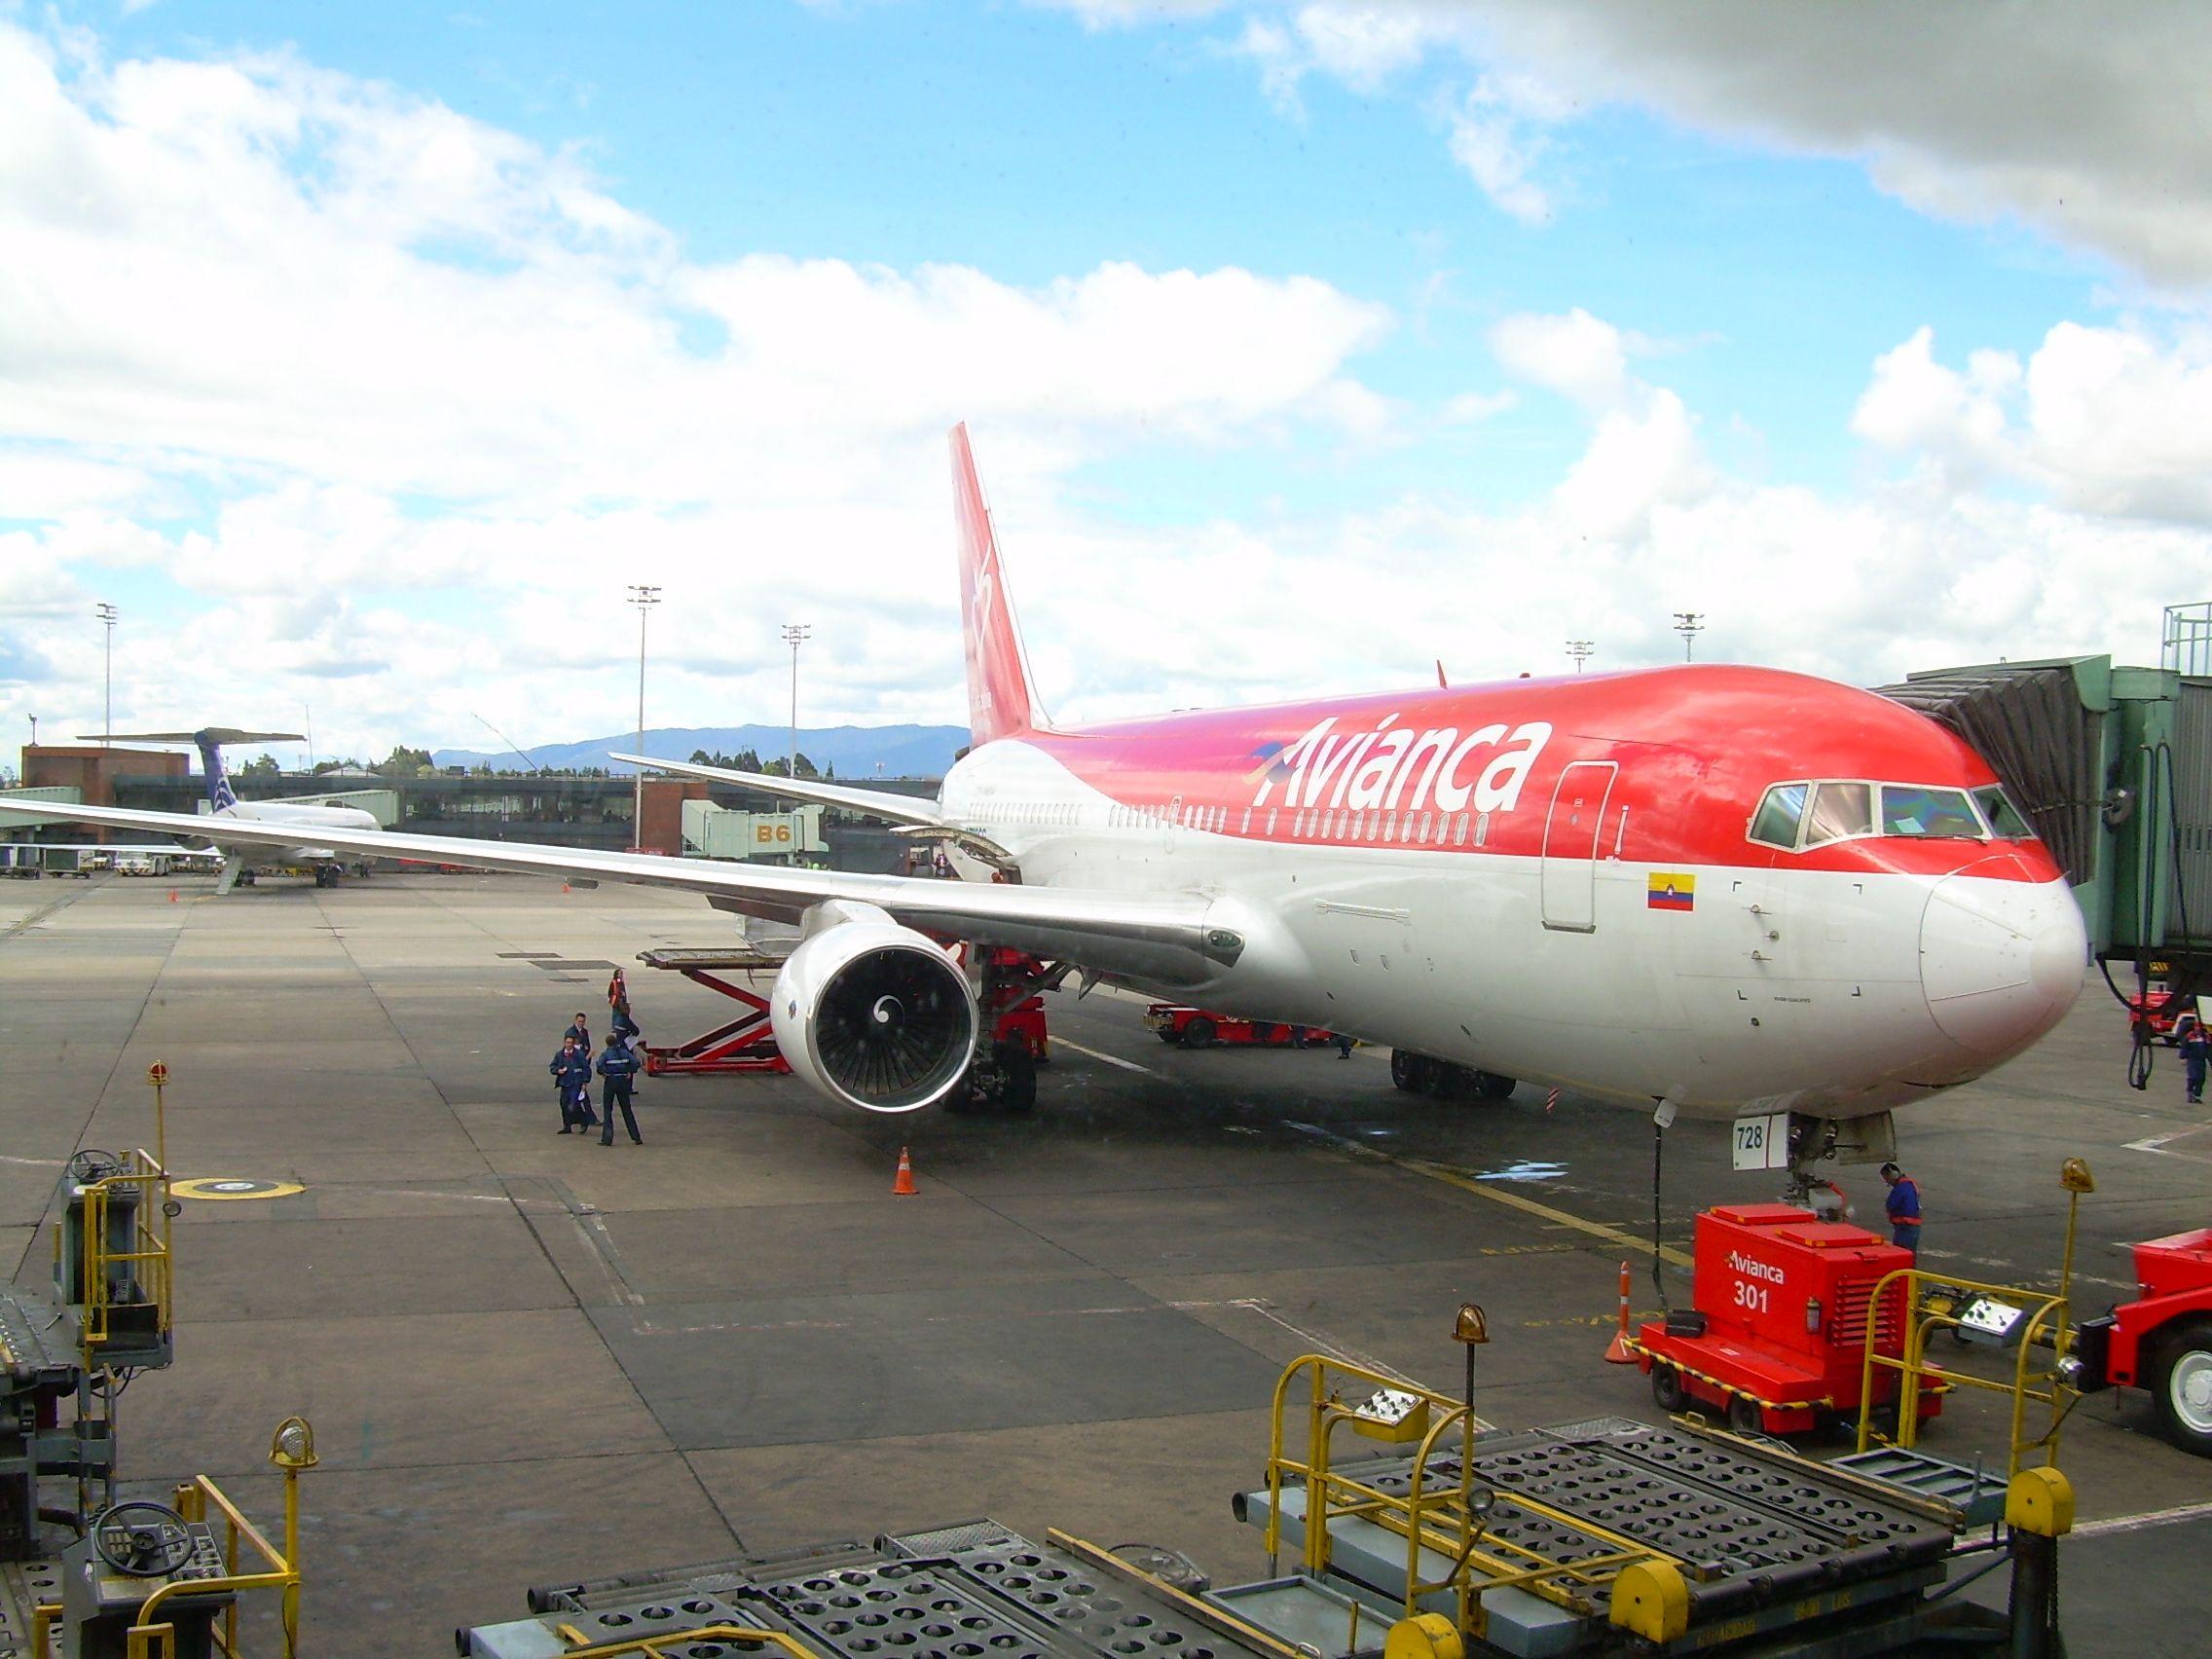 Avianca in El Dorado Airport